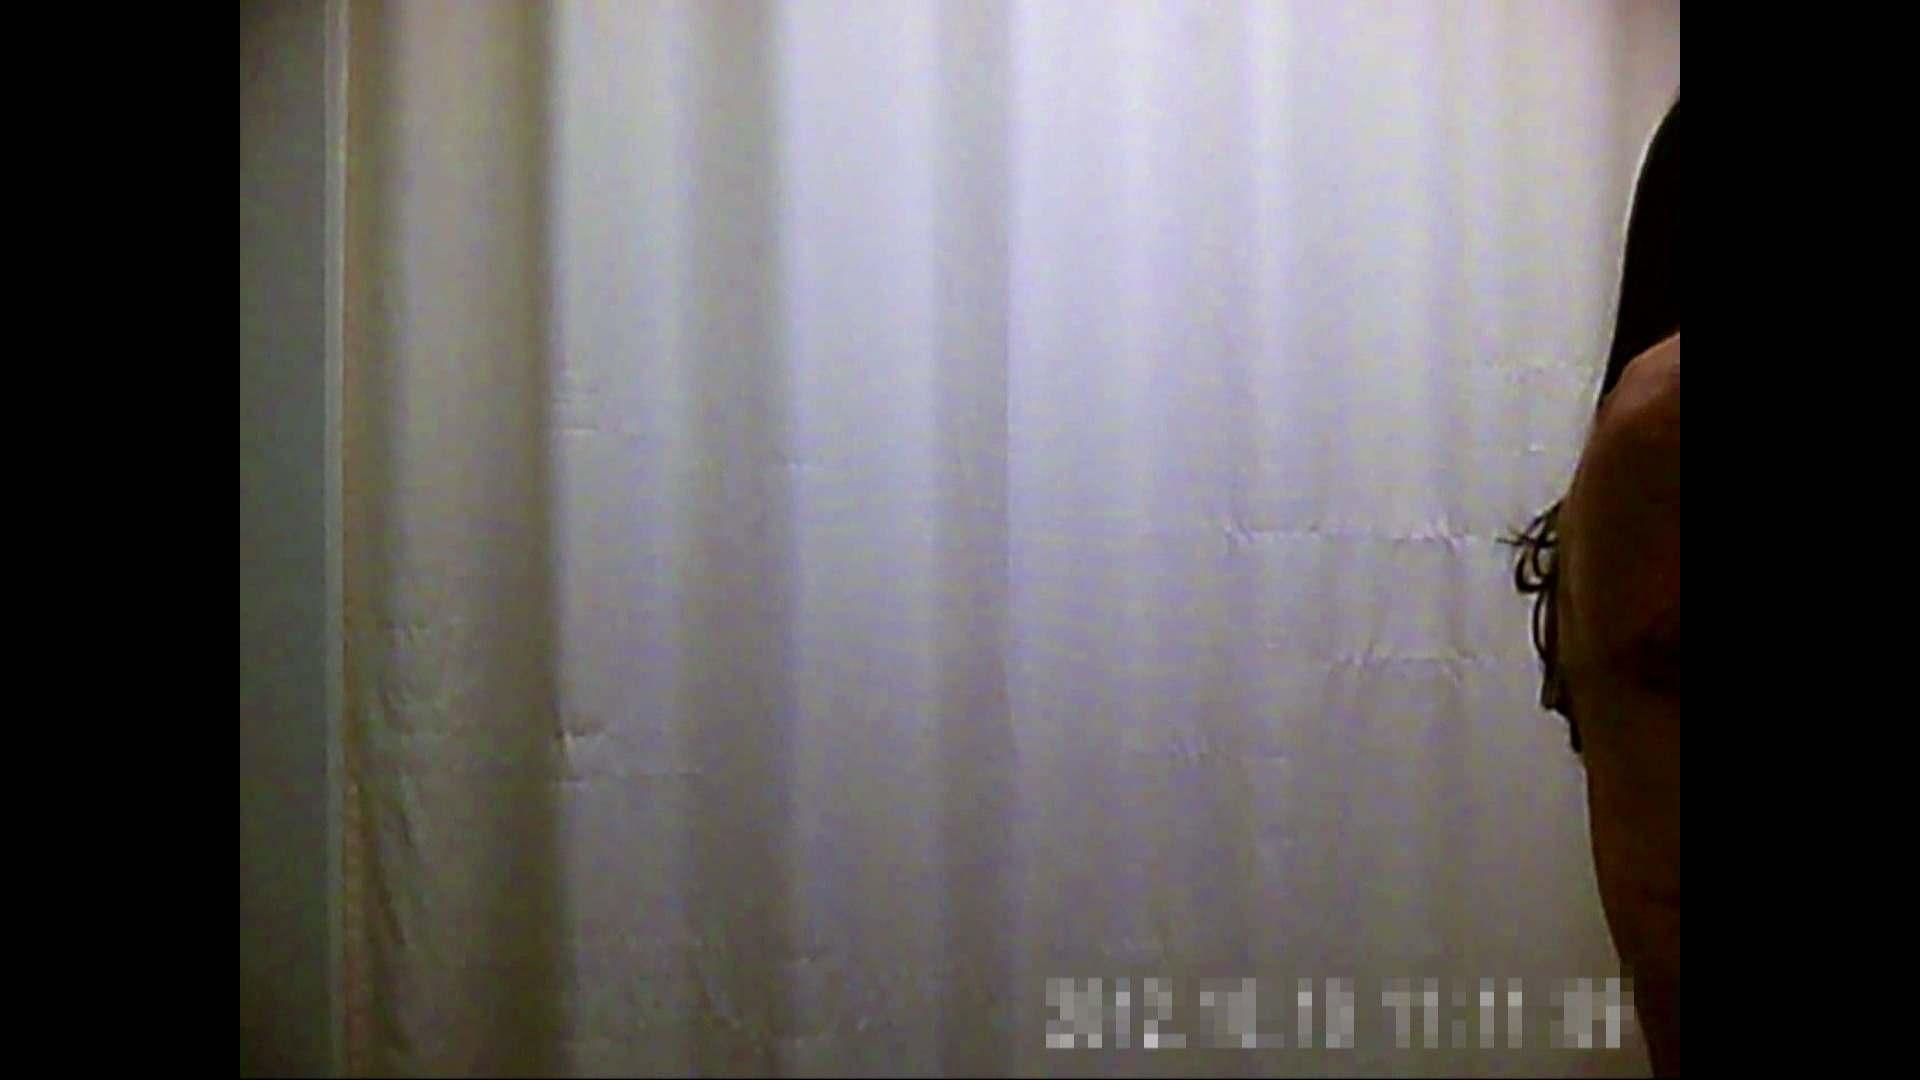 病院おもいっきり着替え! vol.232 盗撮 のぞき動画画像 113PICs 79